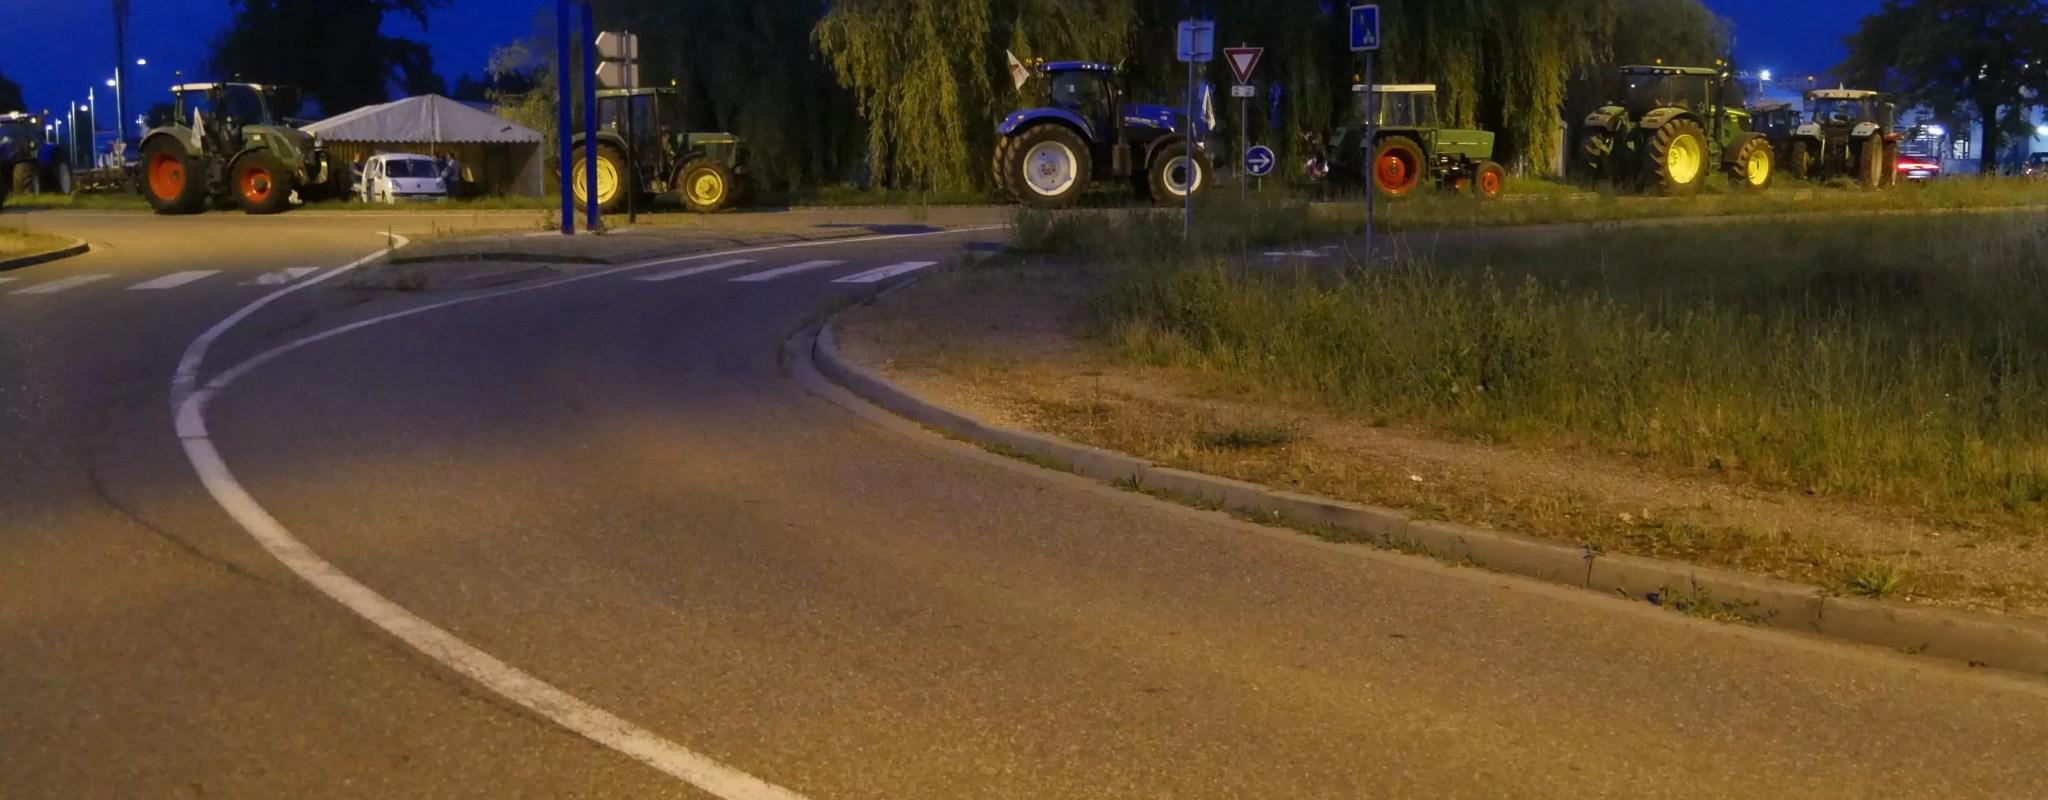 Les agriculteurs prêts à bloquer le pays, contre l'importation d'huile de palme